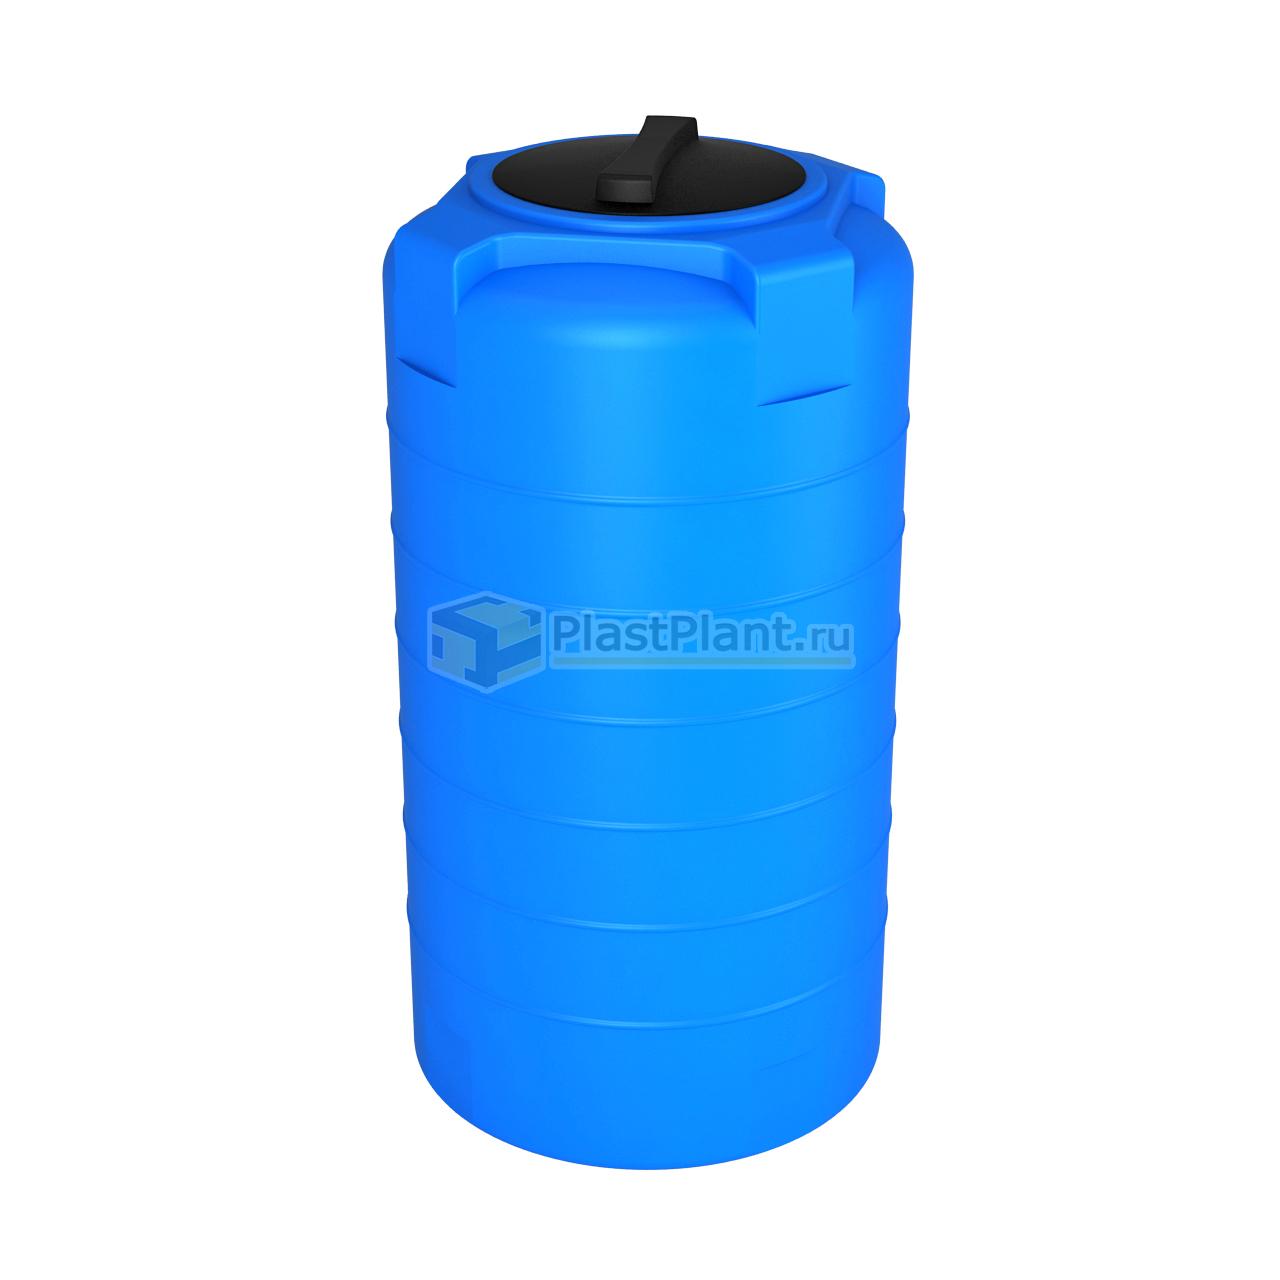 Емкость Т 300 литров (T 300) в компании ПластПлэнт